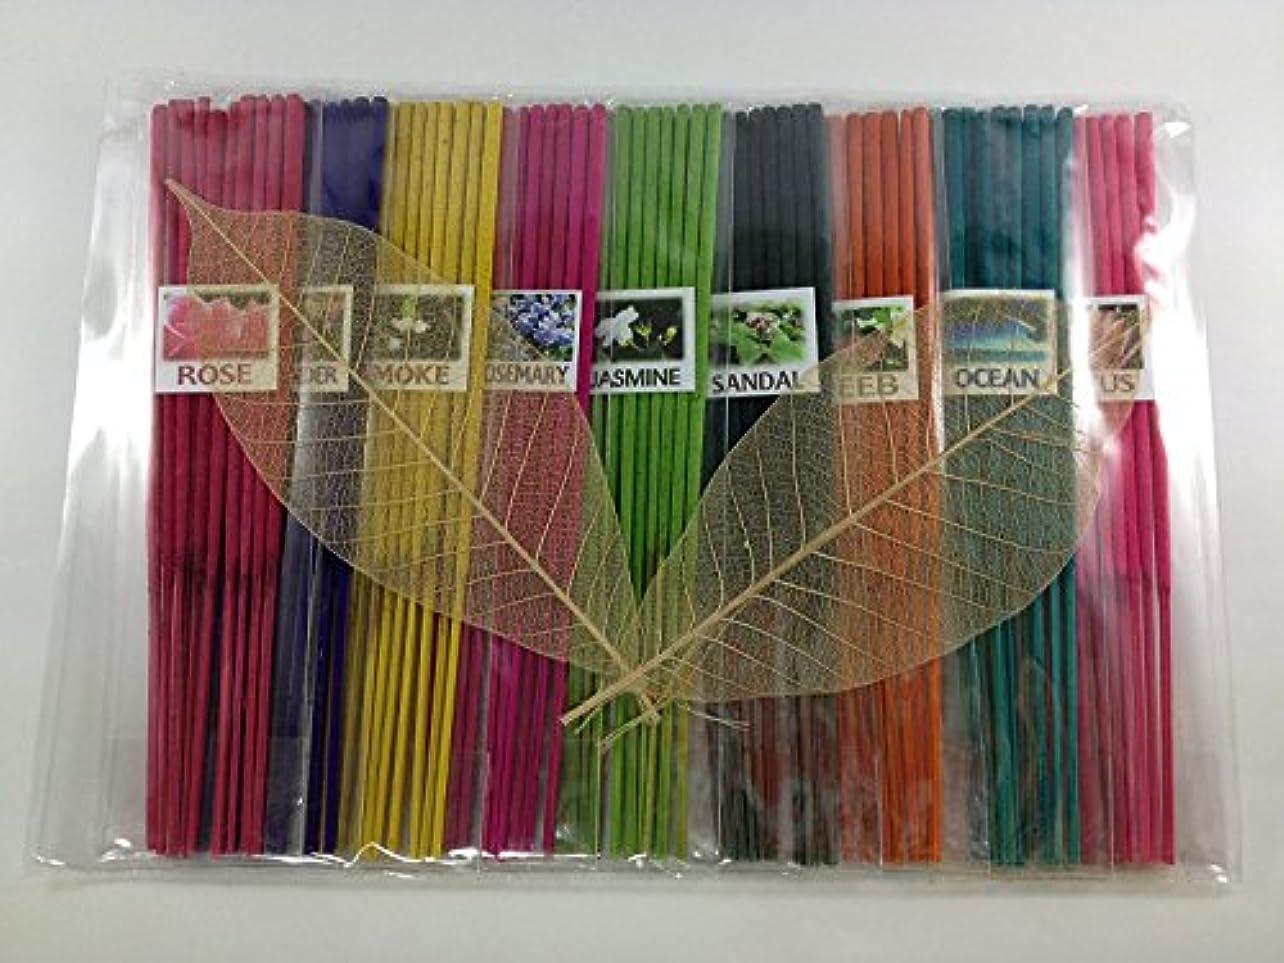 合理化パーティションソブリケットThai Incense Sticks with 9 Aroma Smell - Moke Rosemary Jasmine Sandal Lotus Ocean Rose Lavender Peeb.